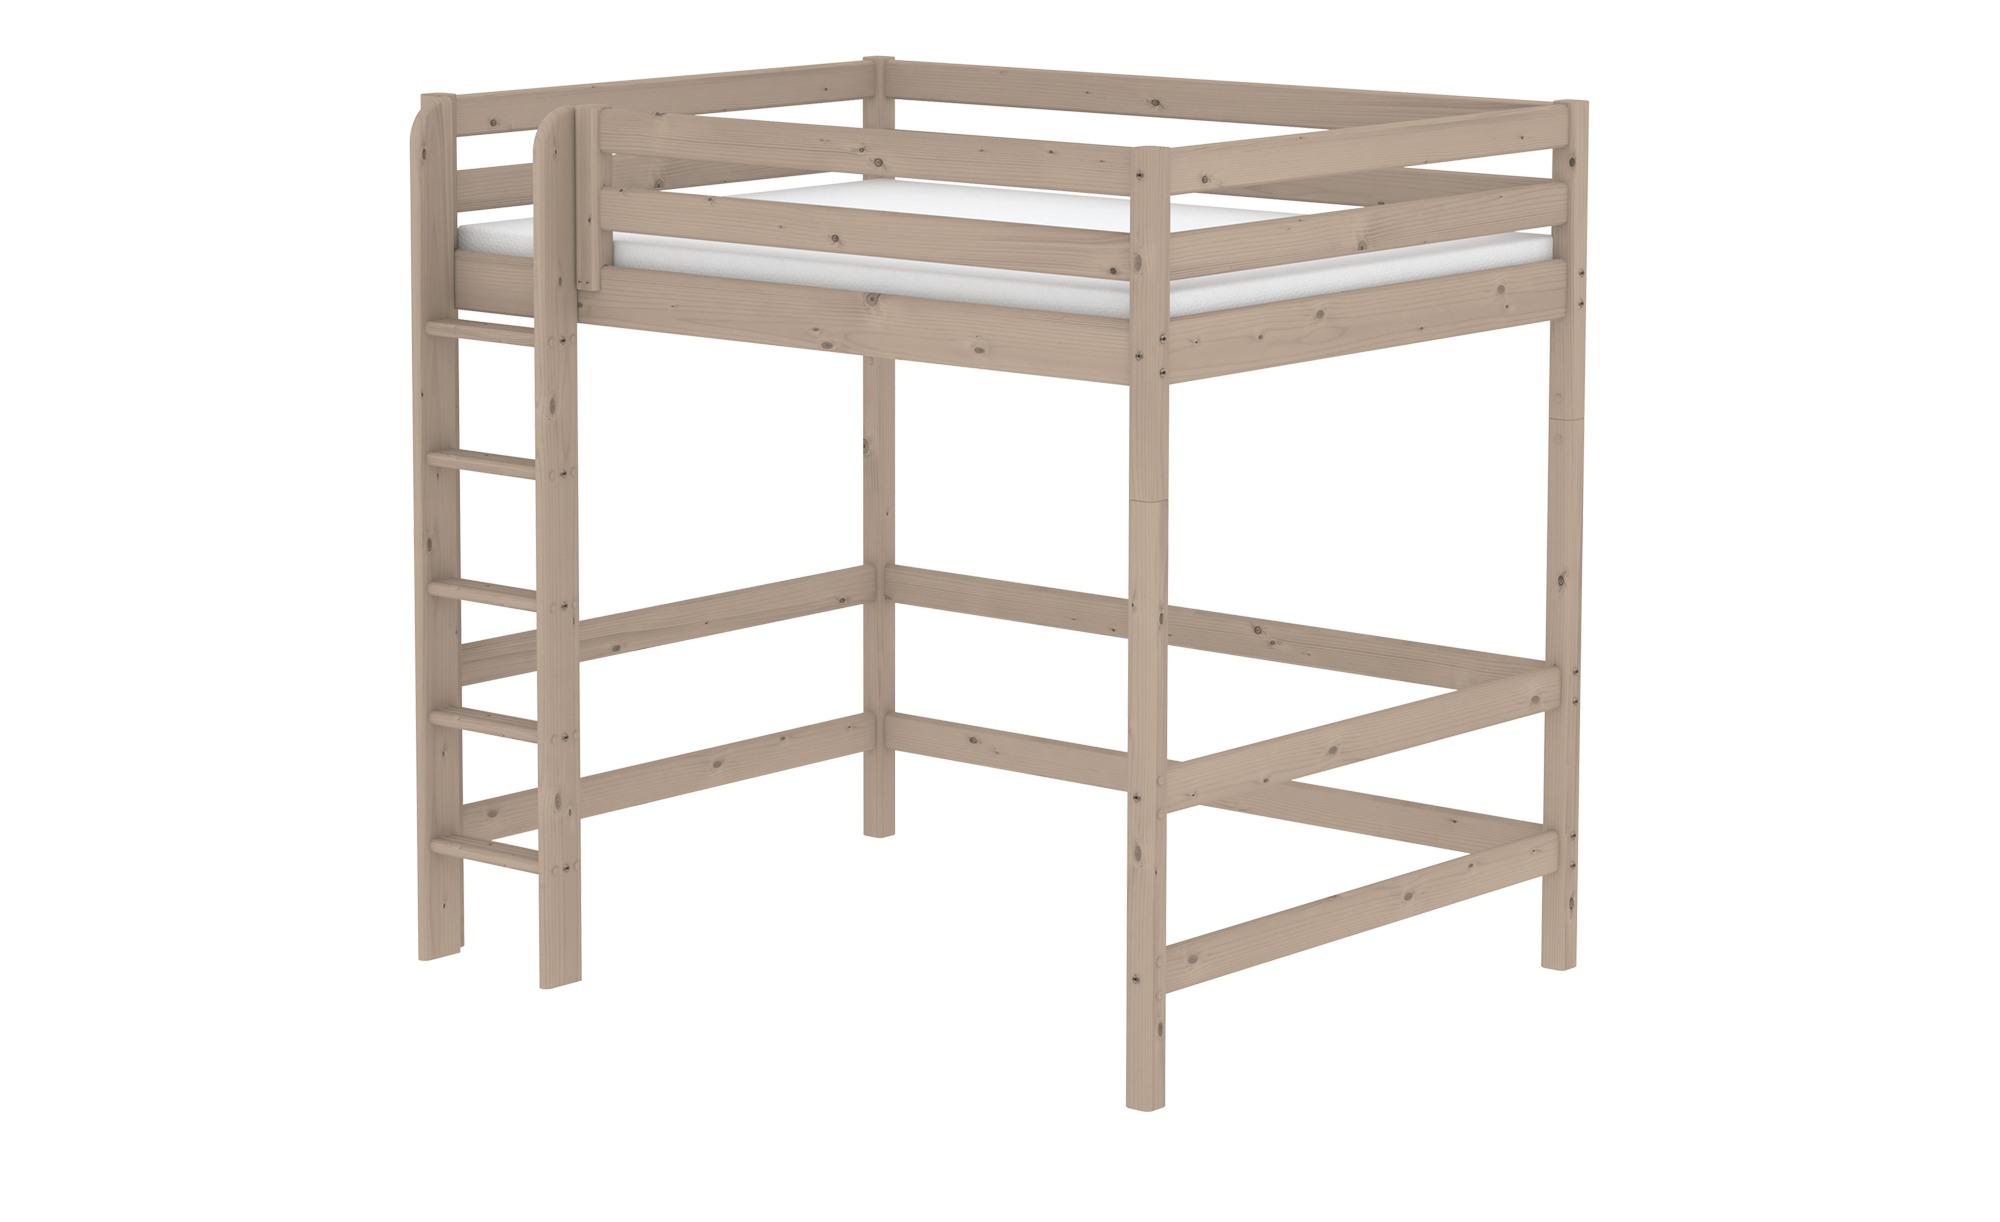 FLEXA Hochbett  Flexa Classic - holzfarben - 160 cm - 185 cm - Kindermöbel > Kinderbetten > Hochbetten - Möbel Kraft